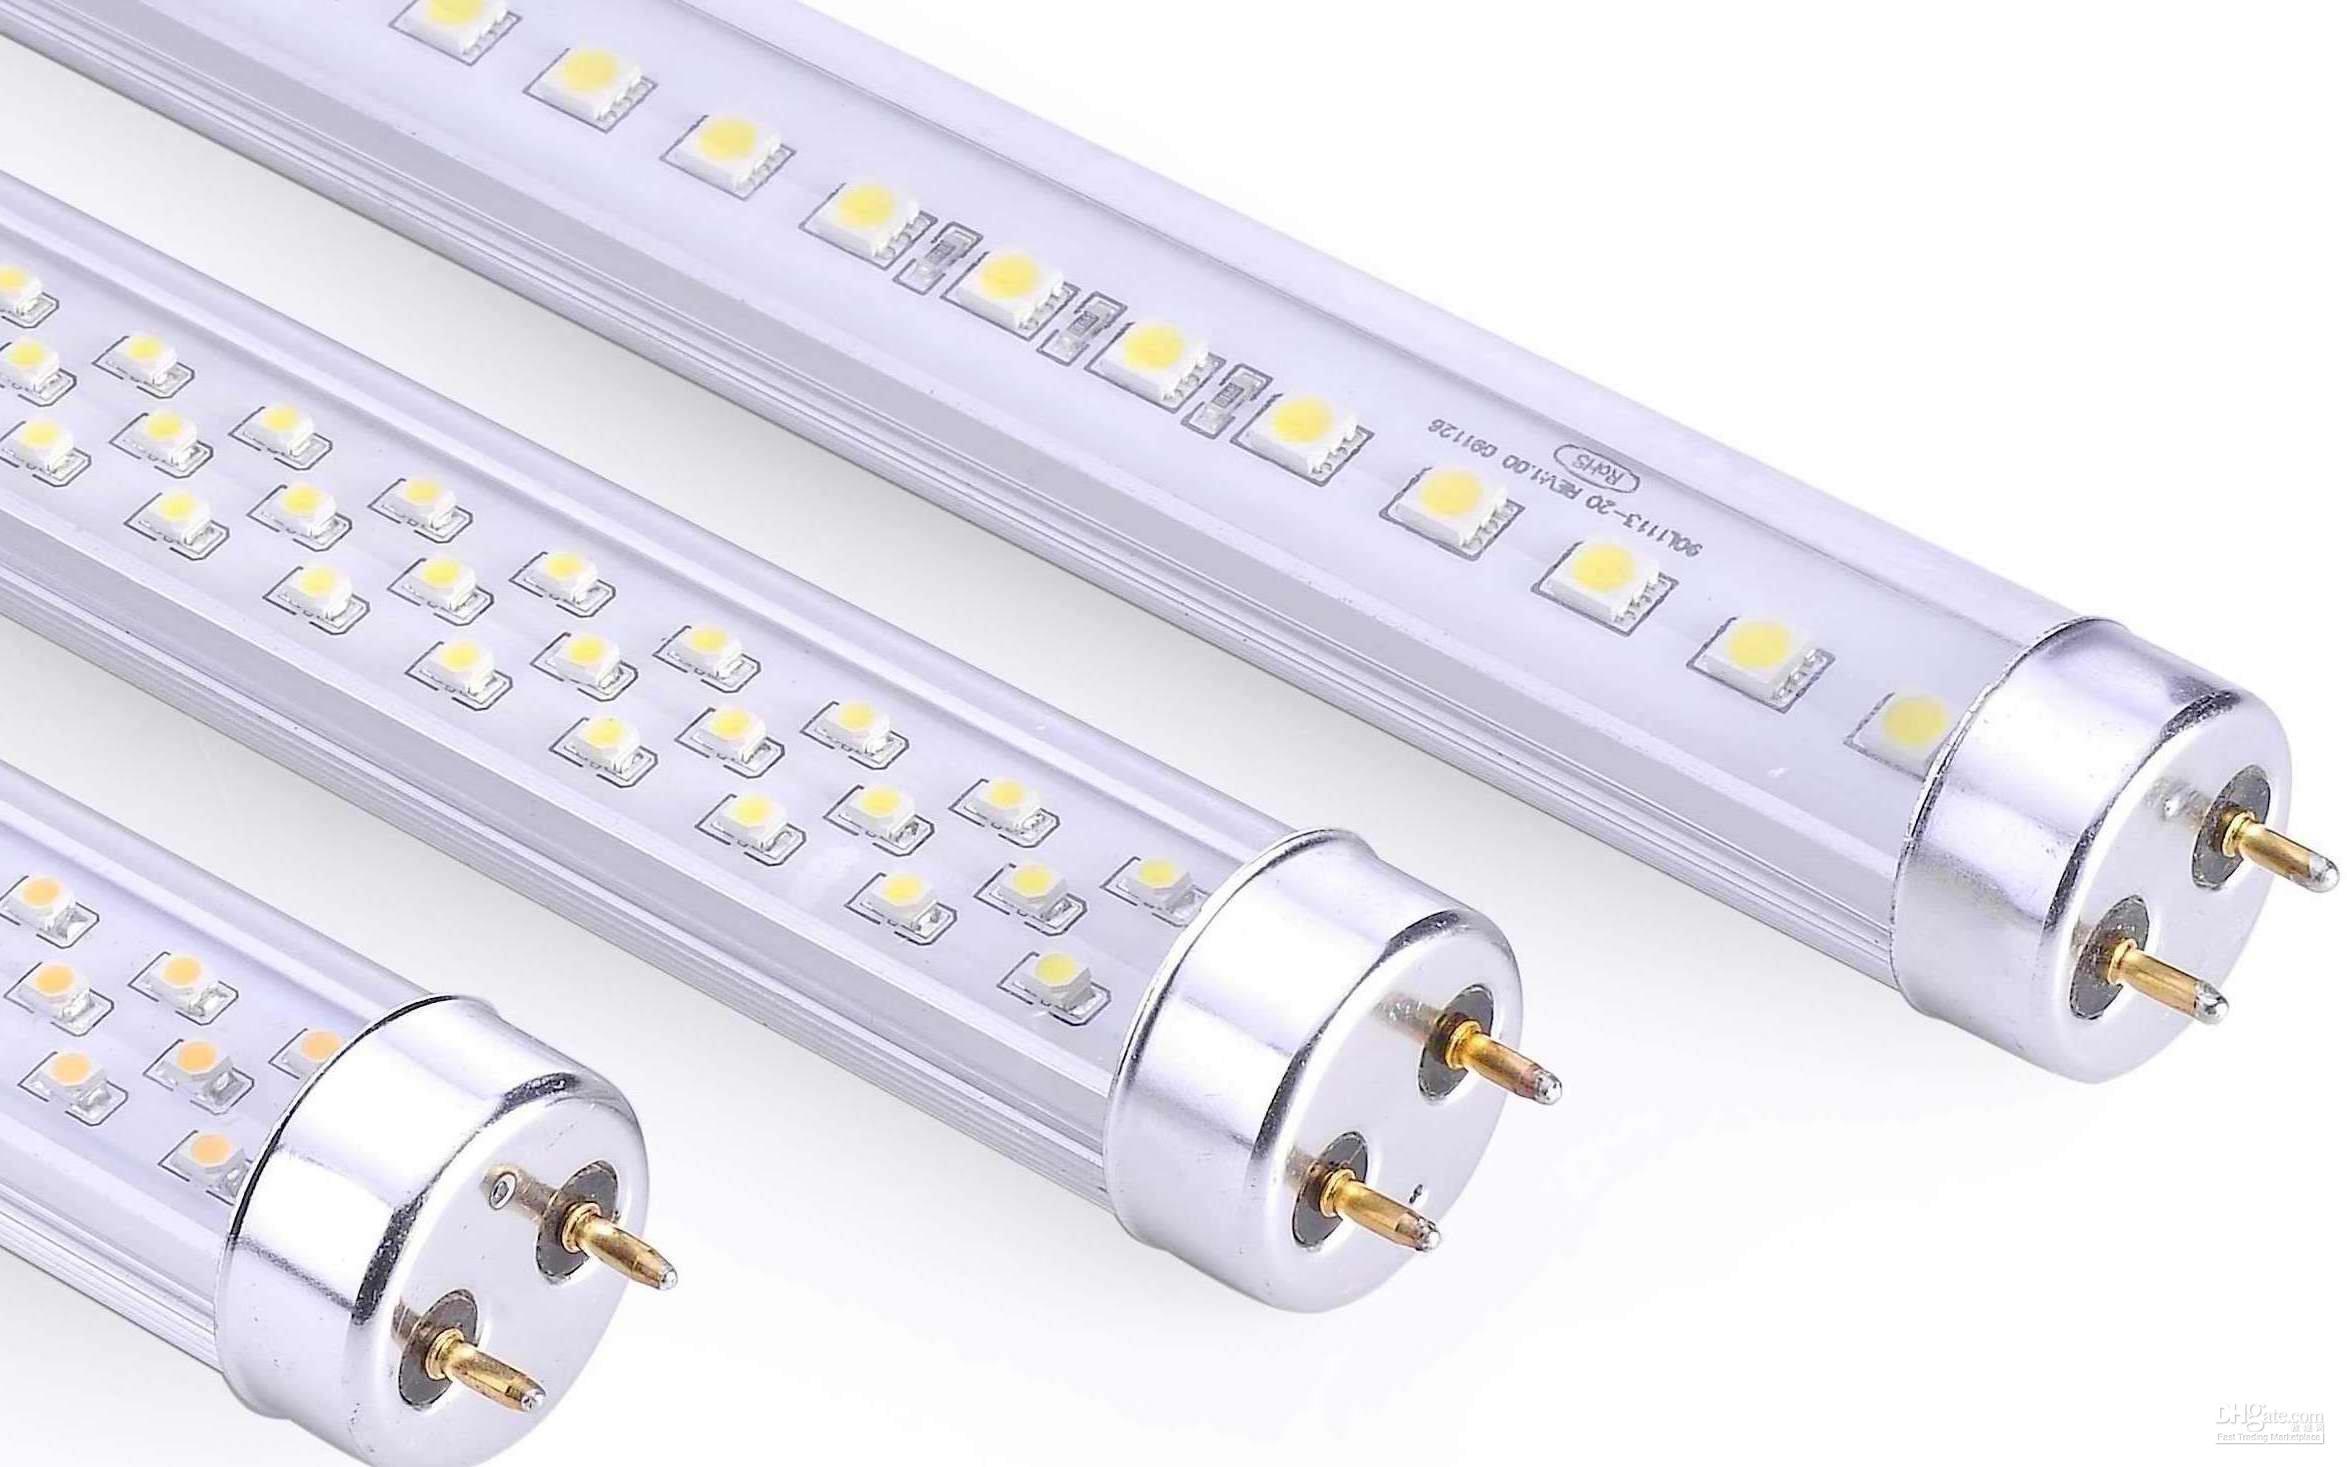 LED T8 SERIES 9W 13W 18W 22W 24W